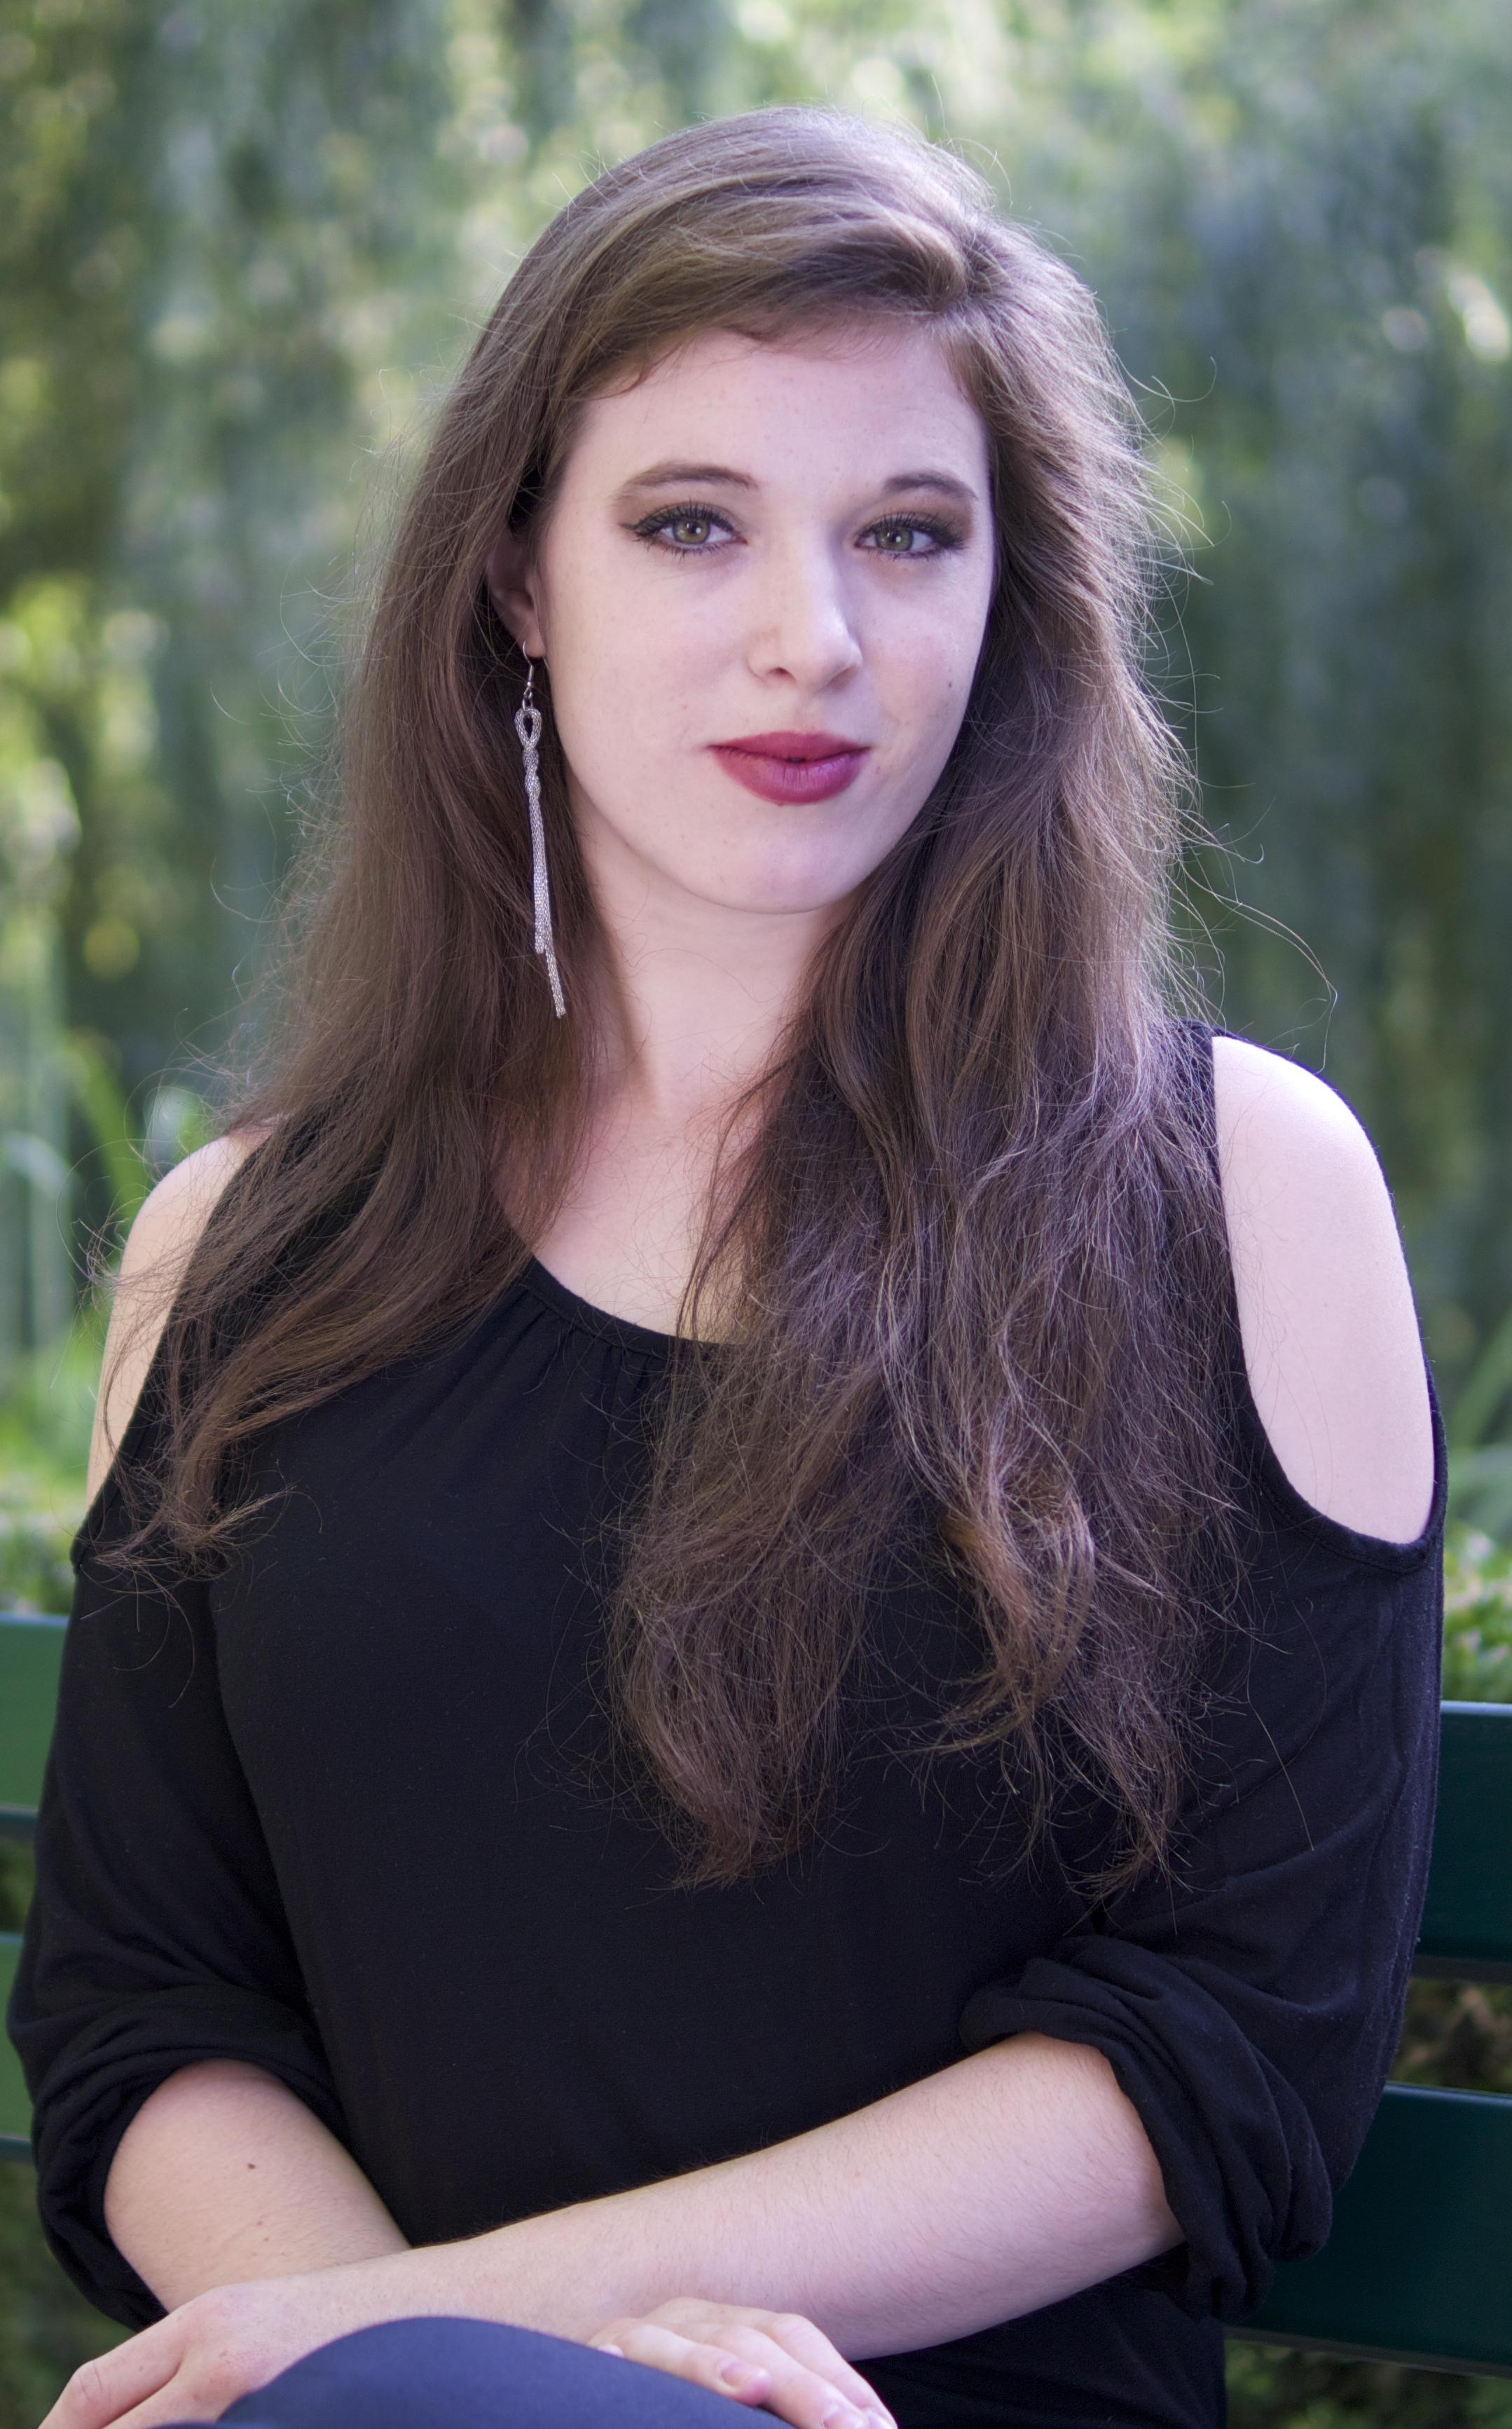 Exemplu de profil de fotografii Dating Site